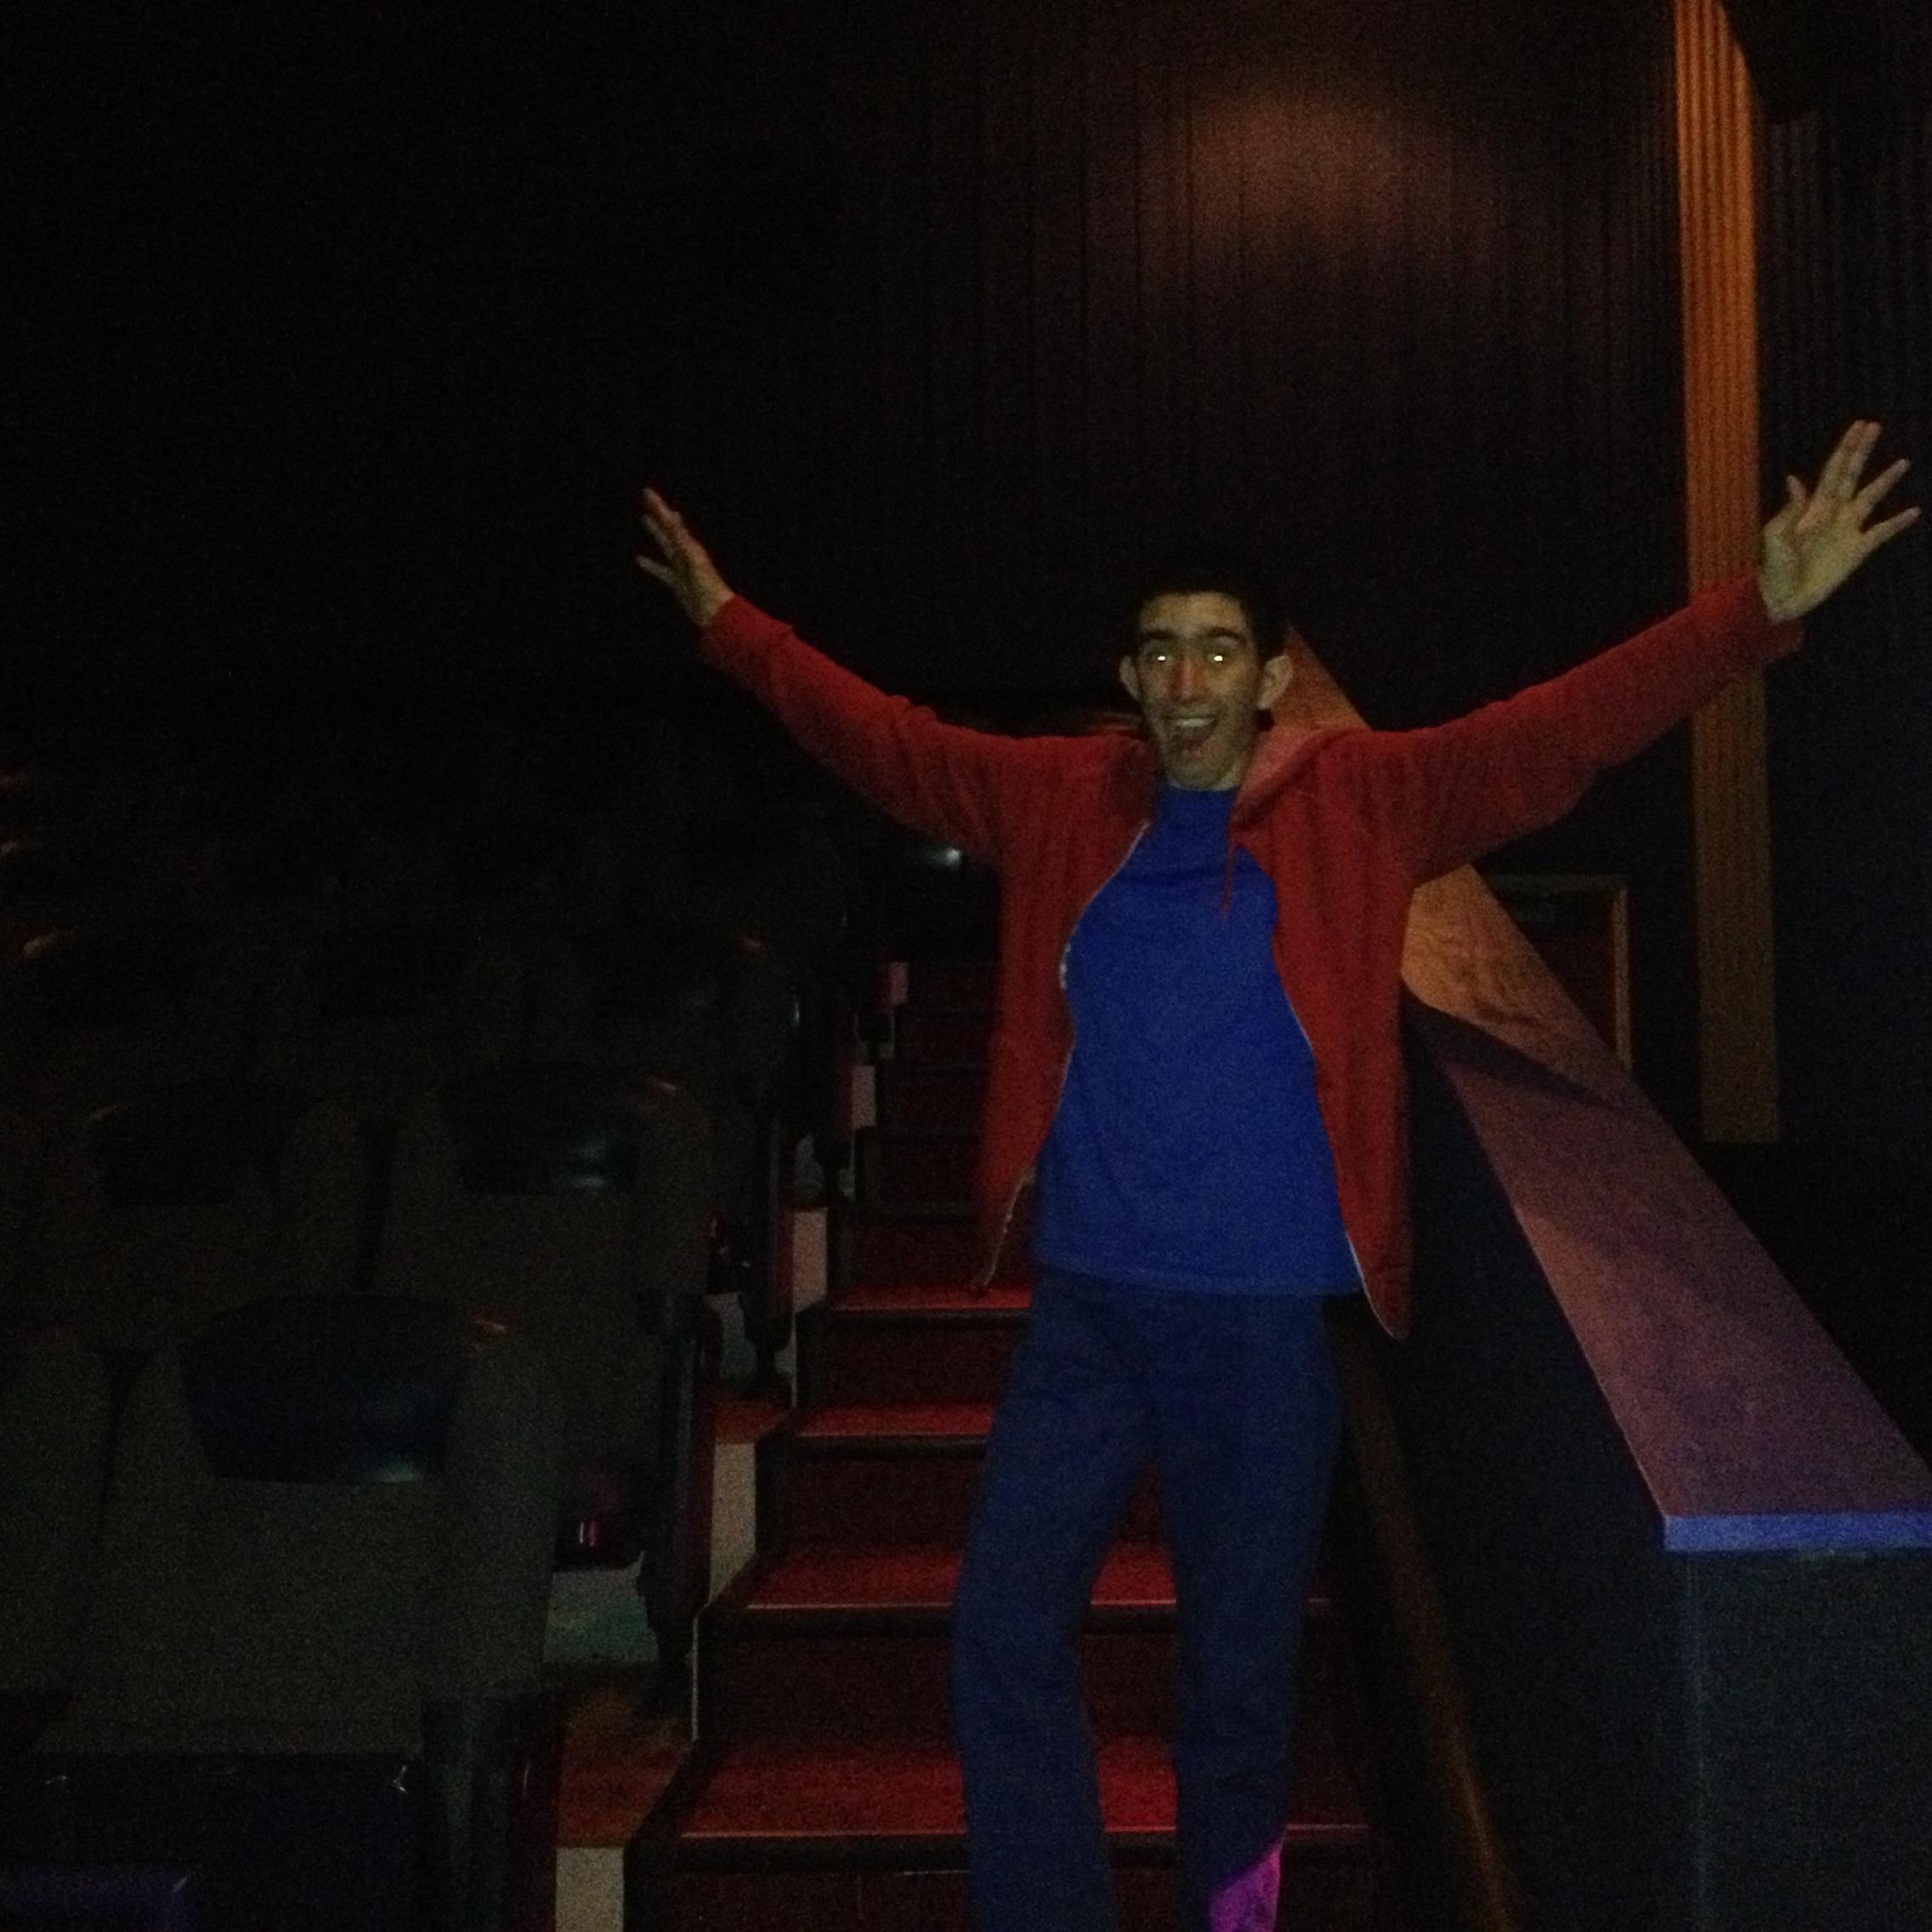 moviezforlife